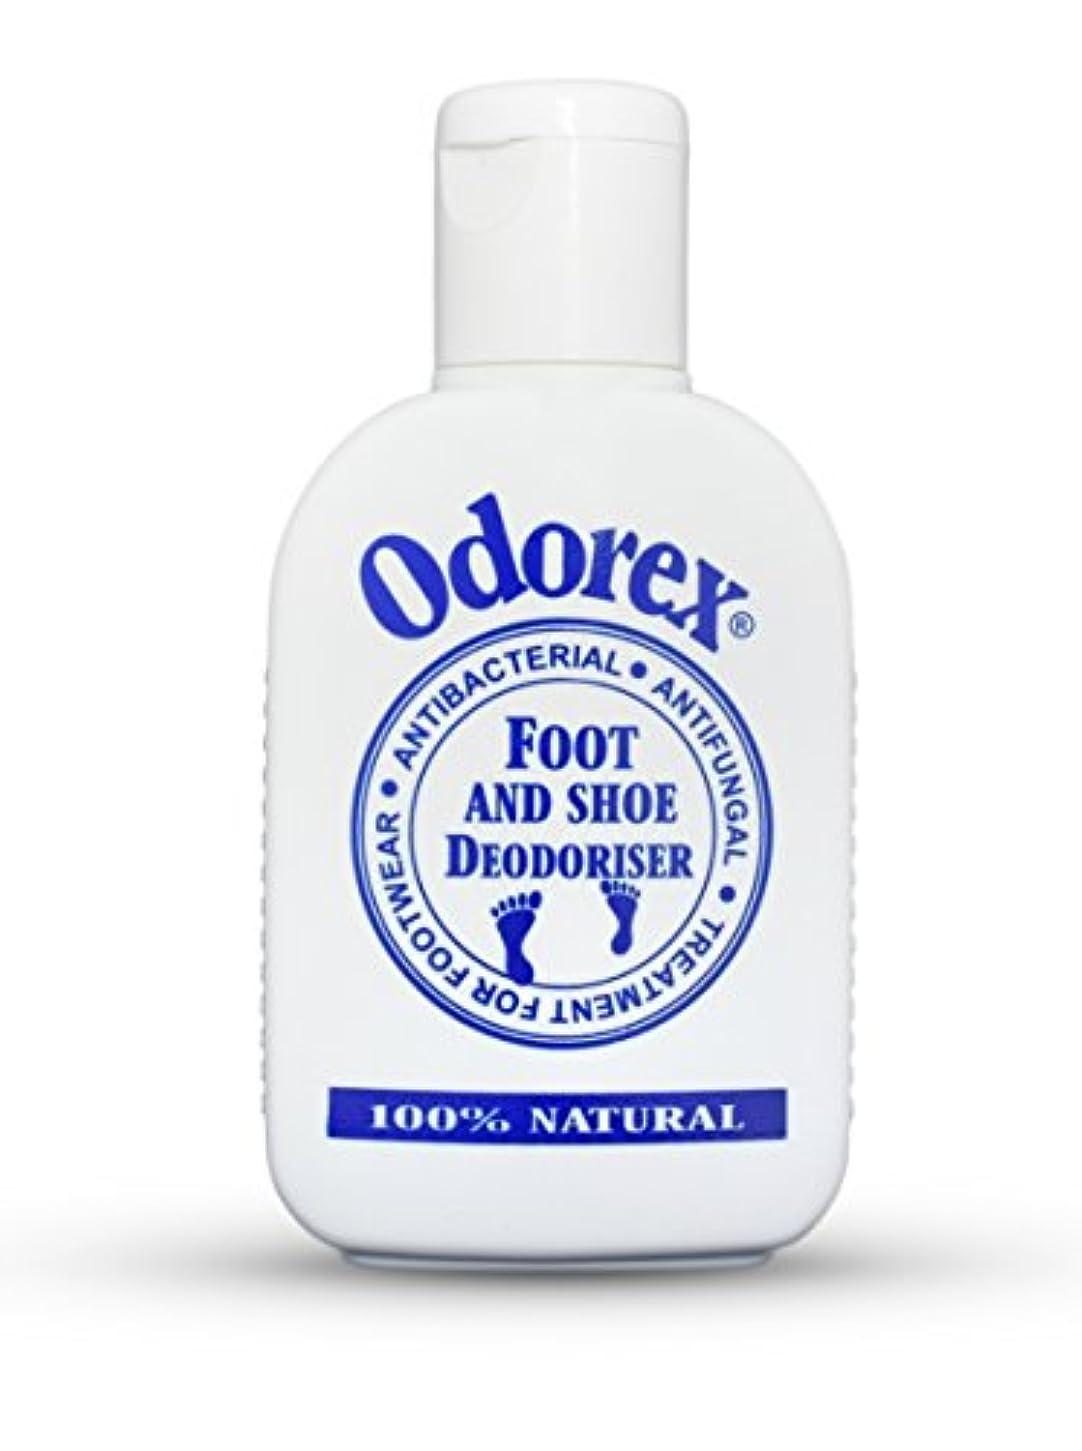 出来事経験者たるみオダエックス100% ナチュラル 靴用除菌?防菌?消臭パウダー30g